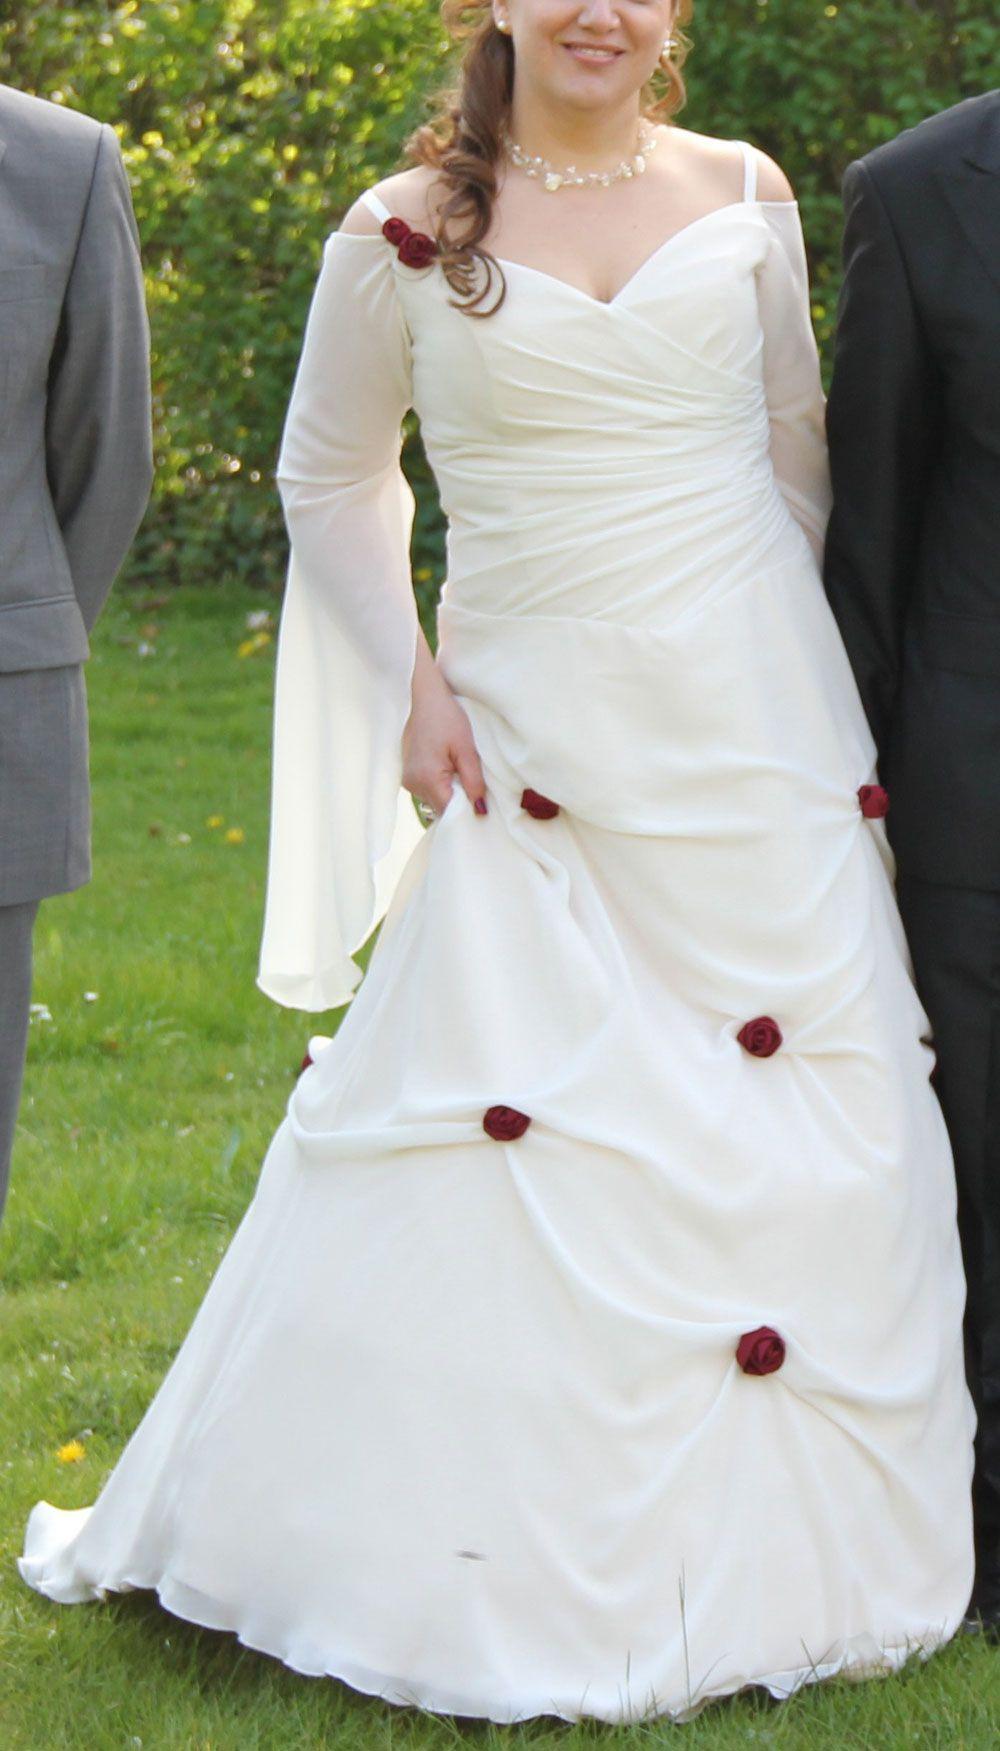 Mittelalter Brautkleid: lange Ärmel und rote Rosen Herzform ...